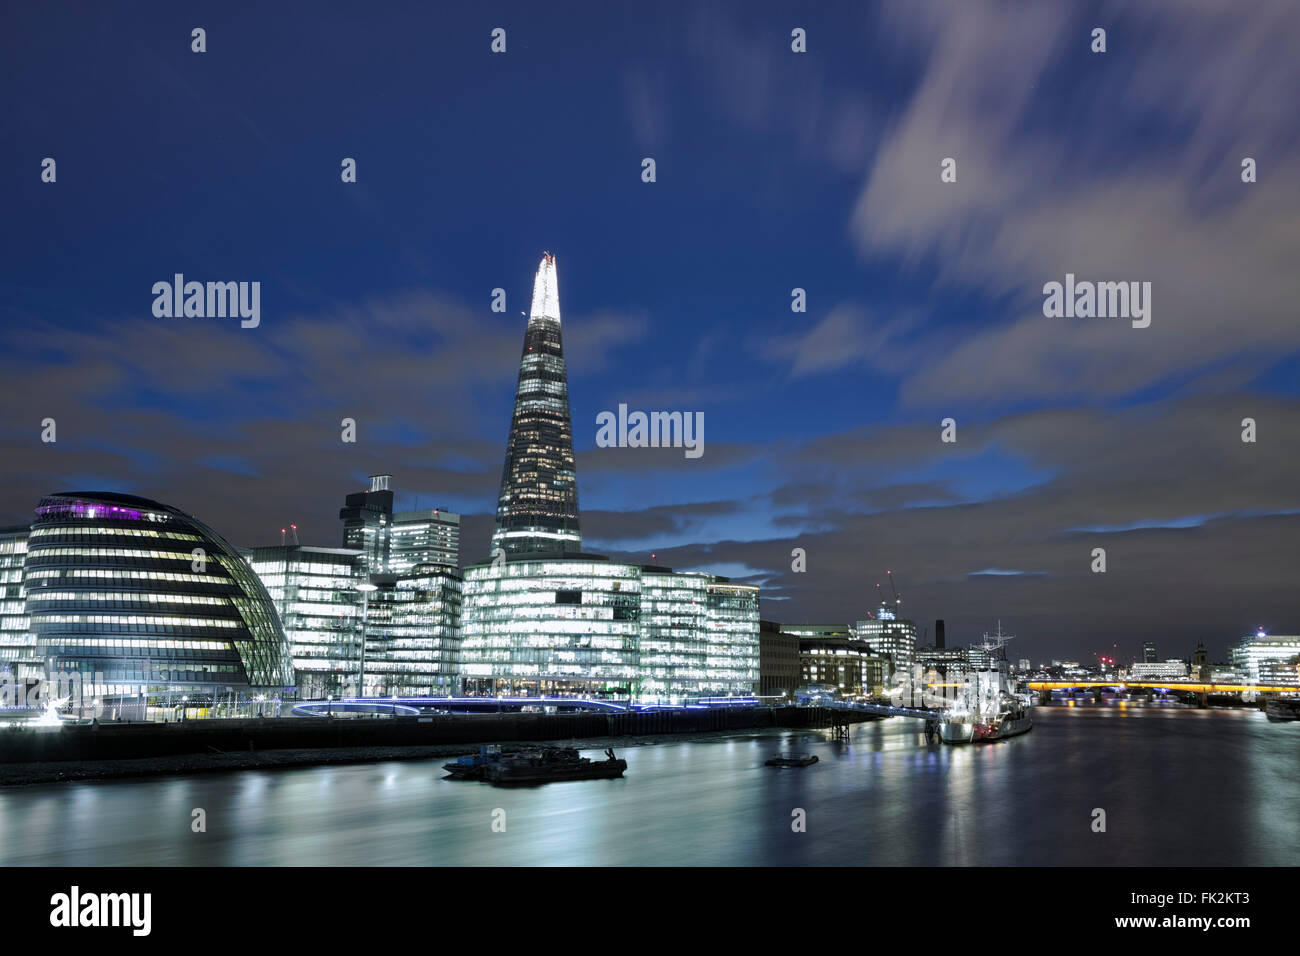 Vista della banca del sud del Tamigi a Southwark alla notte che mostra la City Hall e la Shard Foto Stock